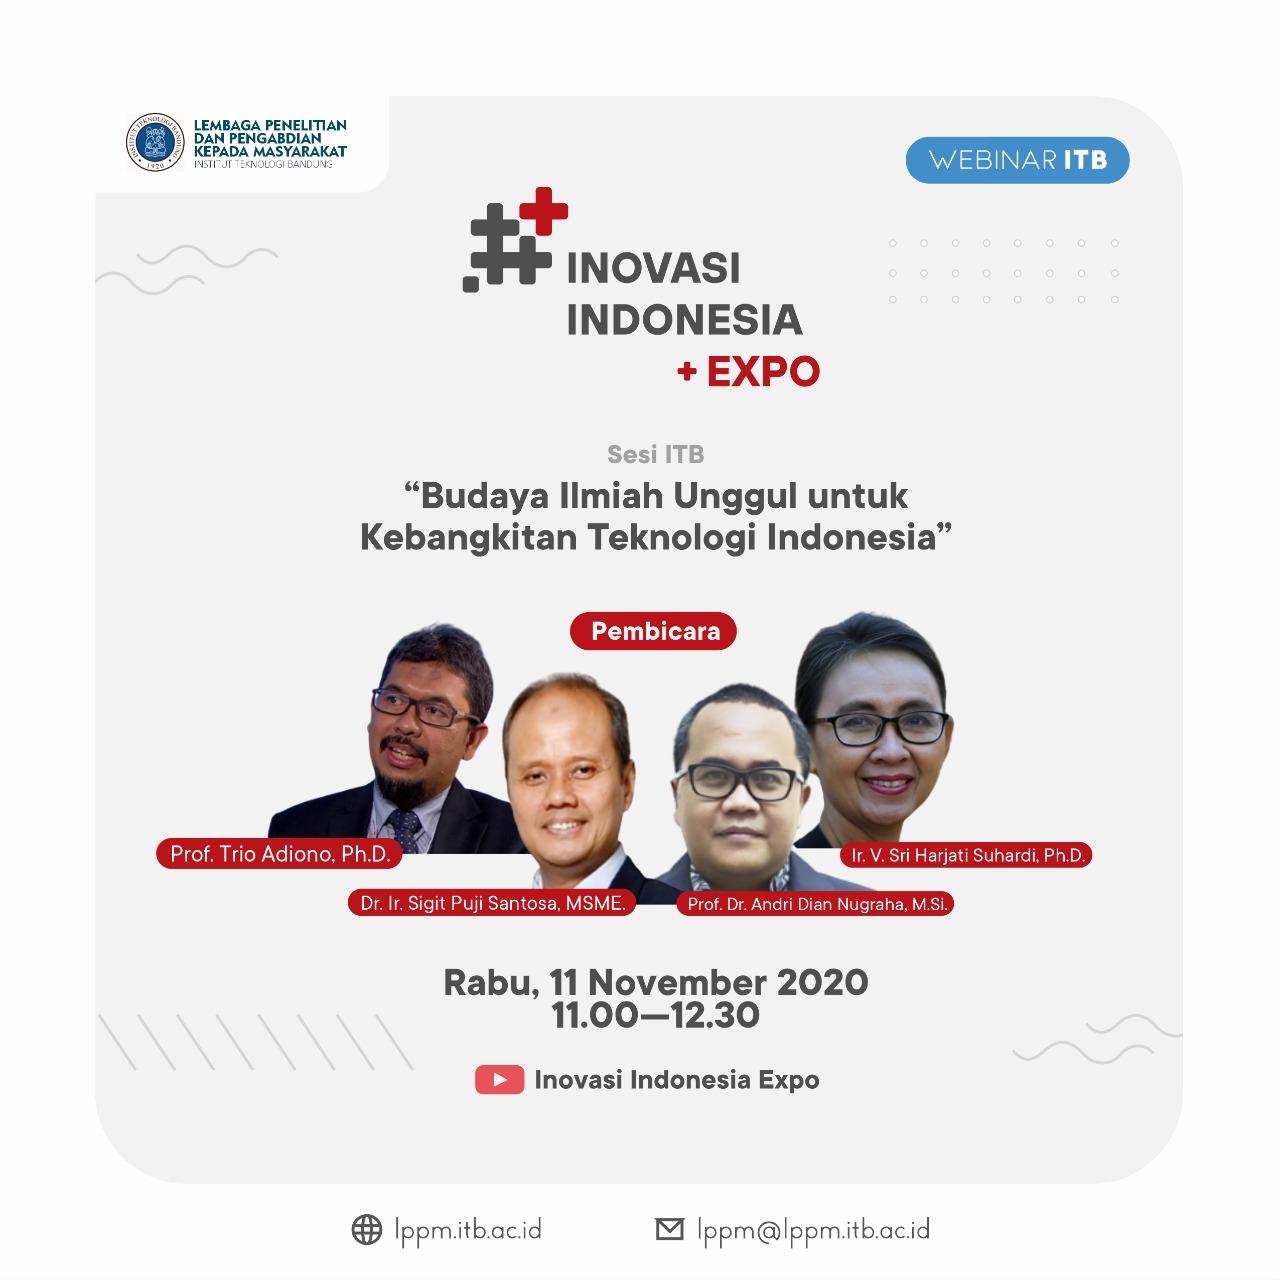 """[WEBINAR ITB] Ritech Expo 2020 Seri Webinar ITB """"Budaya Ilmiah Unggul Untuk Kebangkitan Teknologi Indonesia"""""""